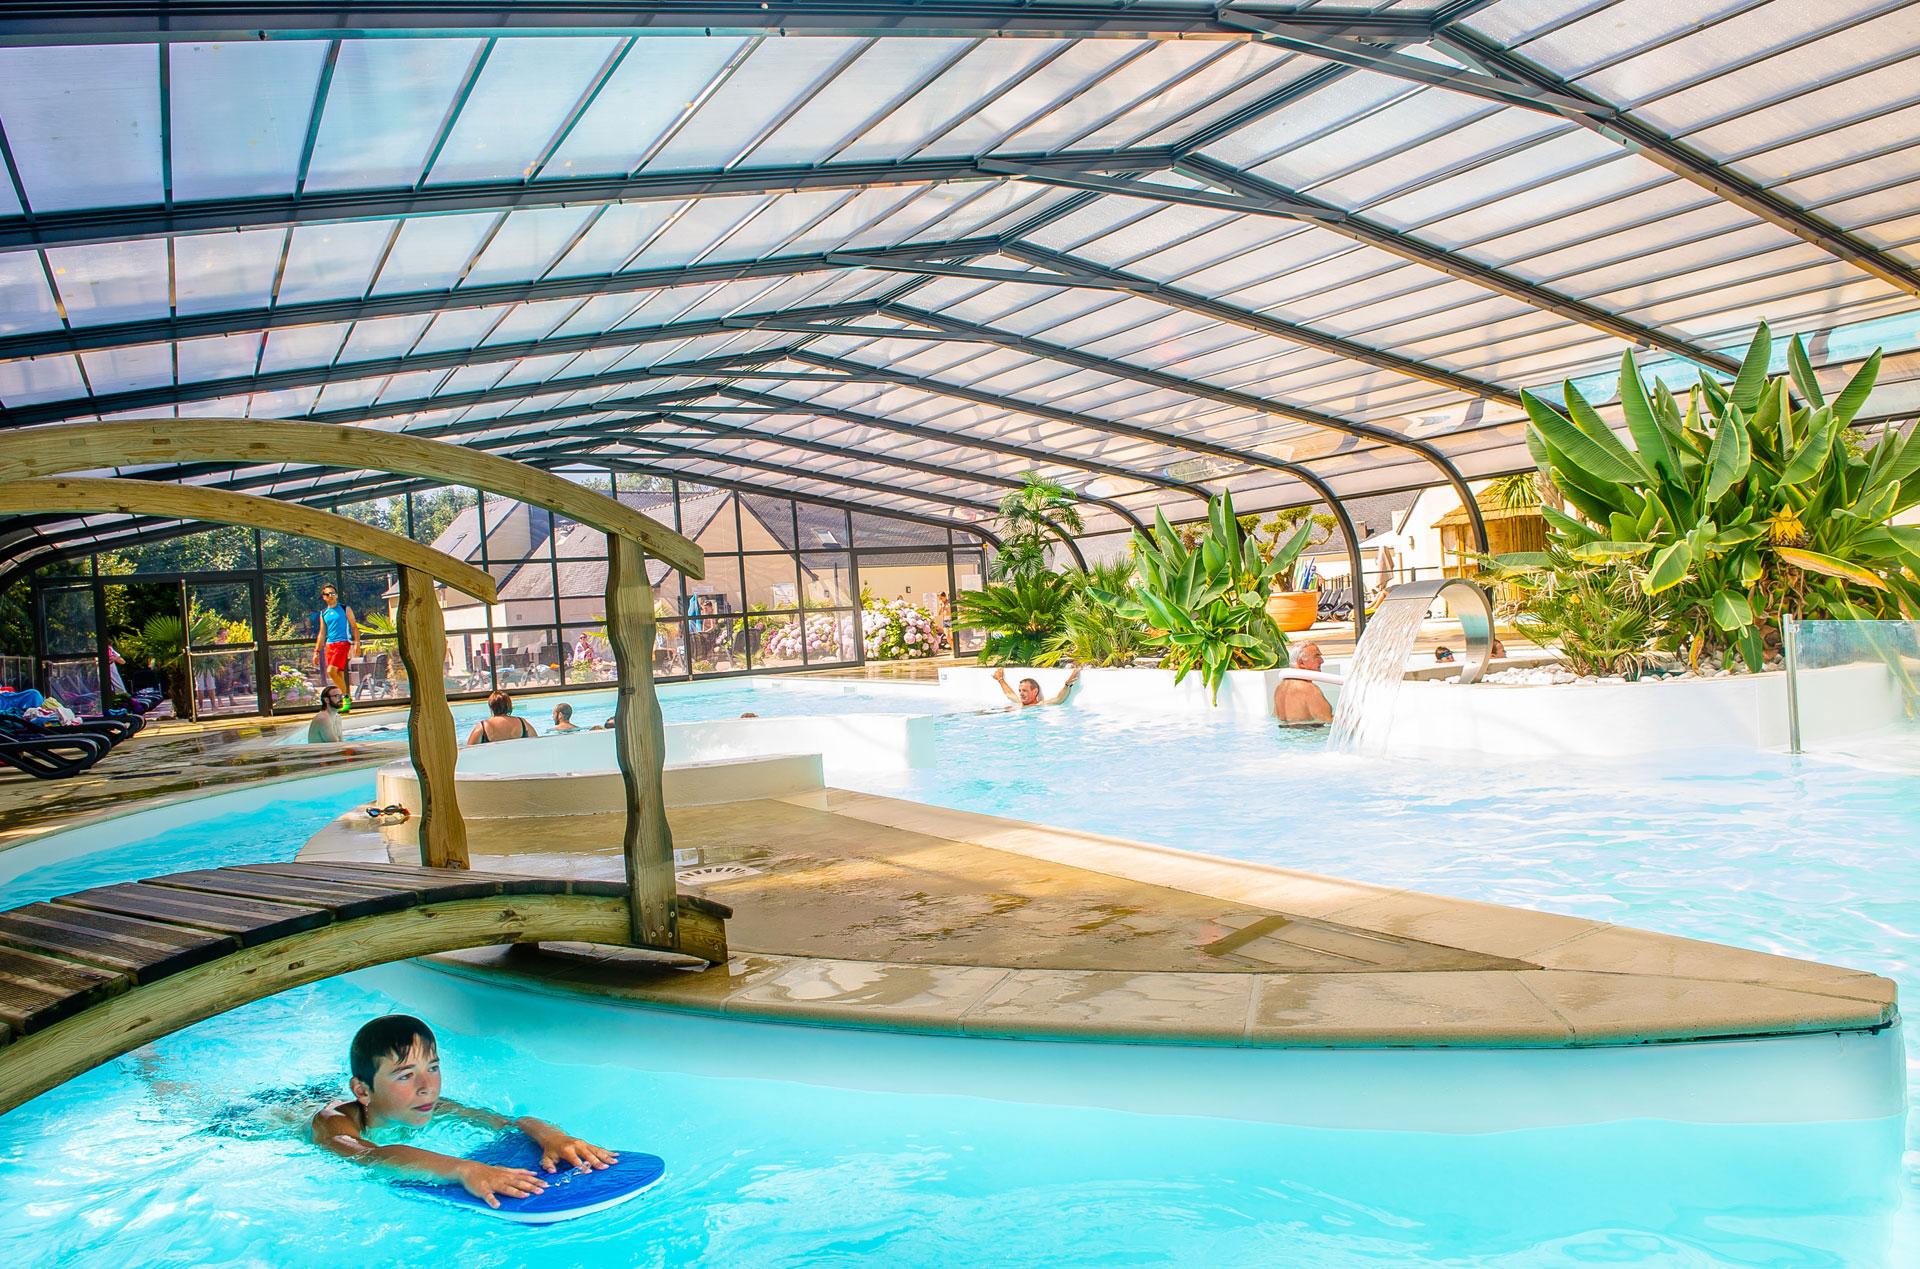 Camping airotel la pommeraie de l 39 oc an trouvez le for Camping brest piscine couverte